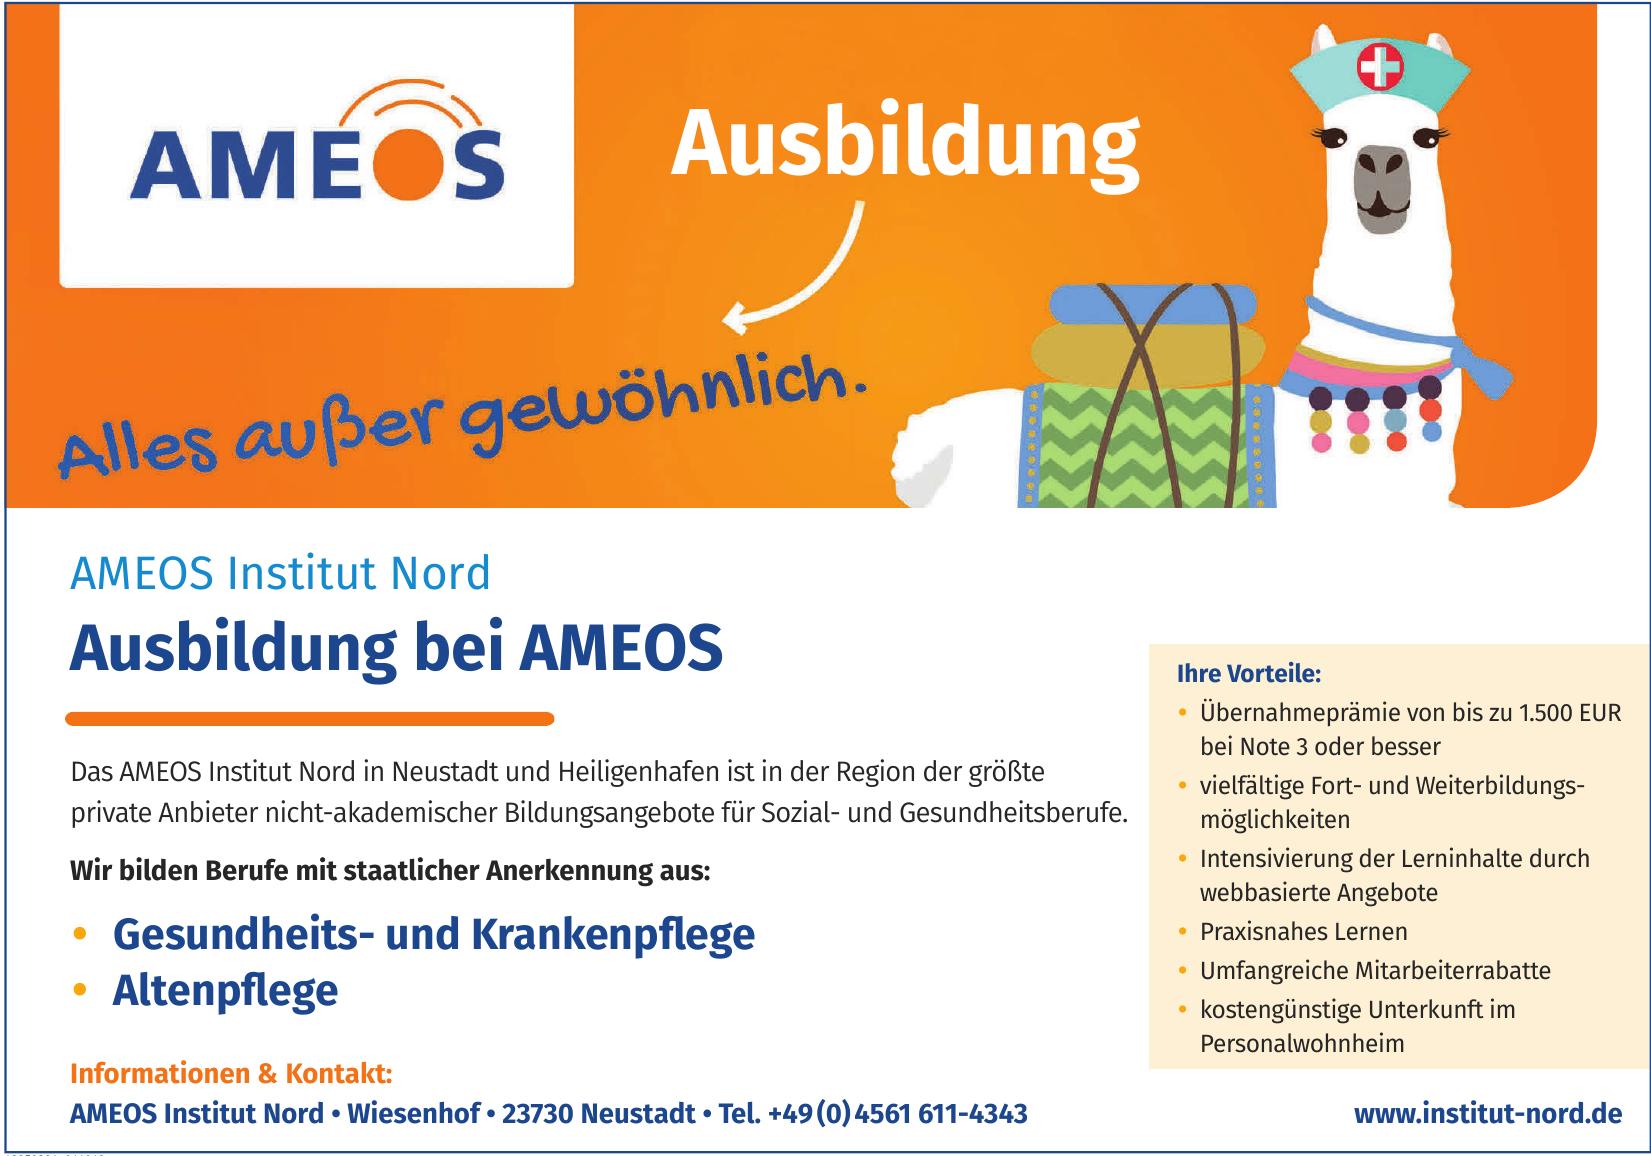 AMEOS Institut Nord